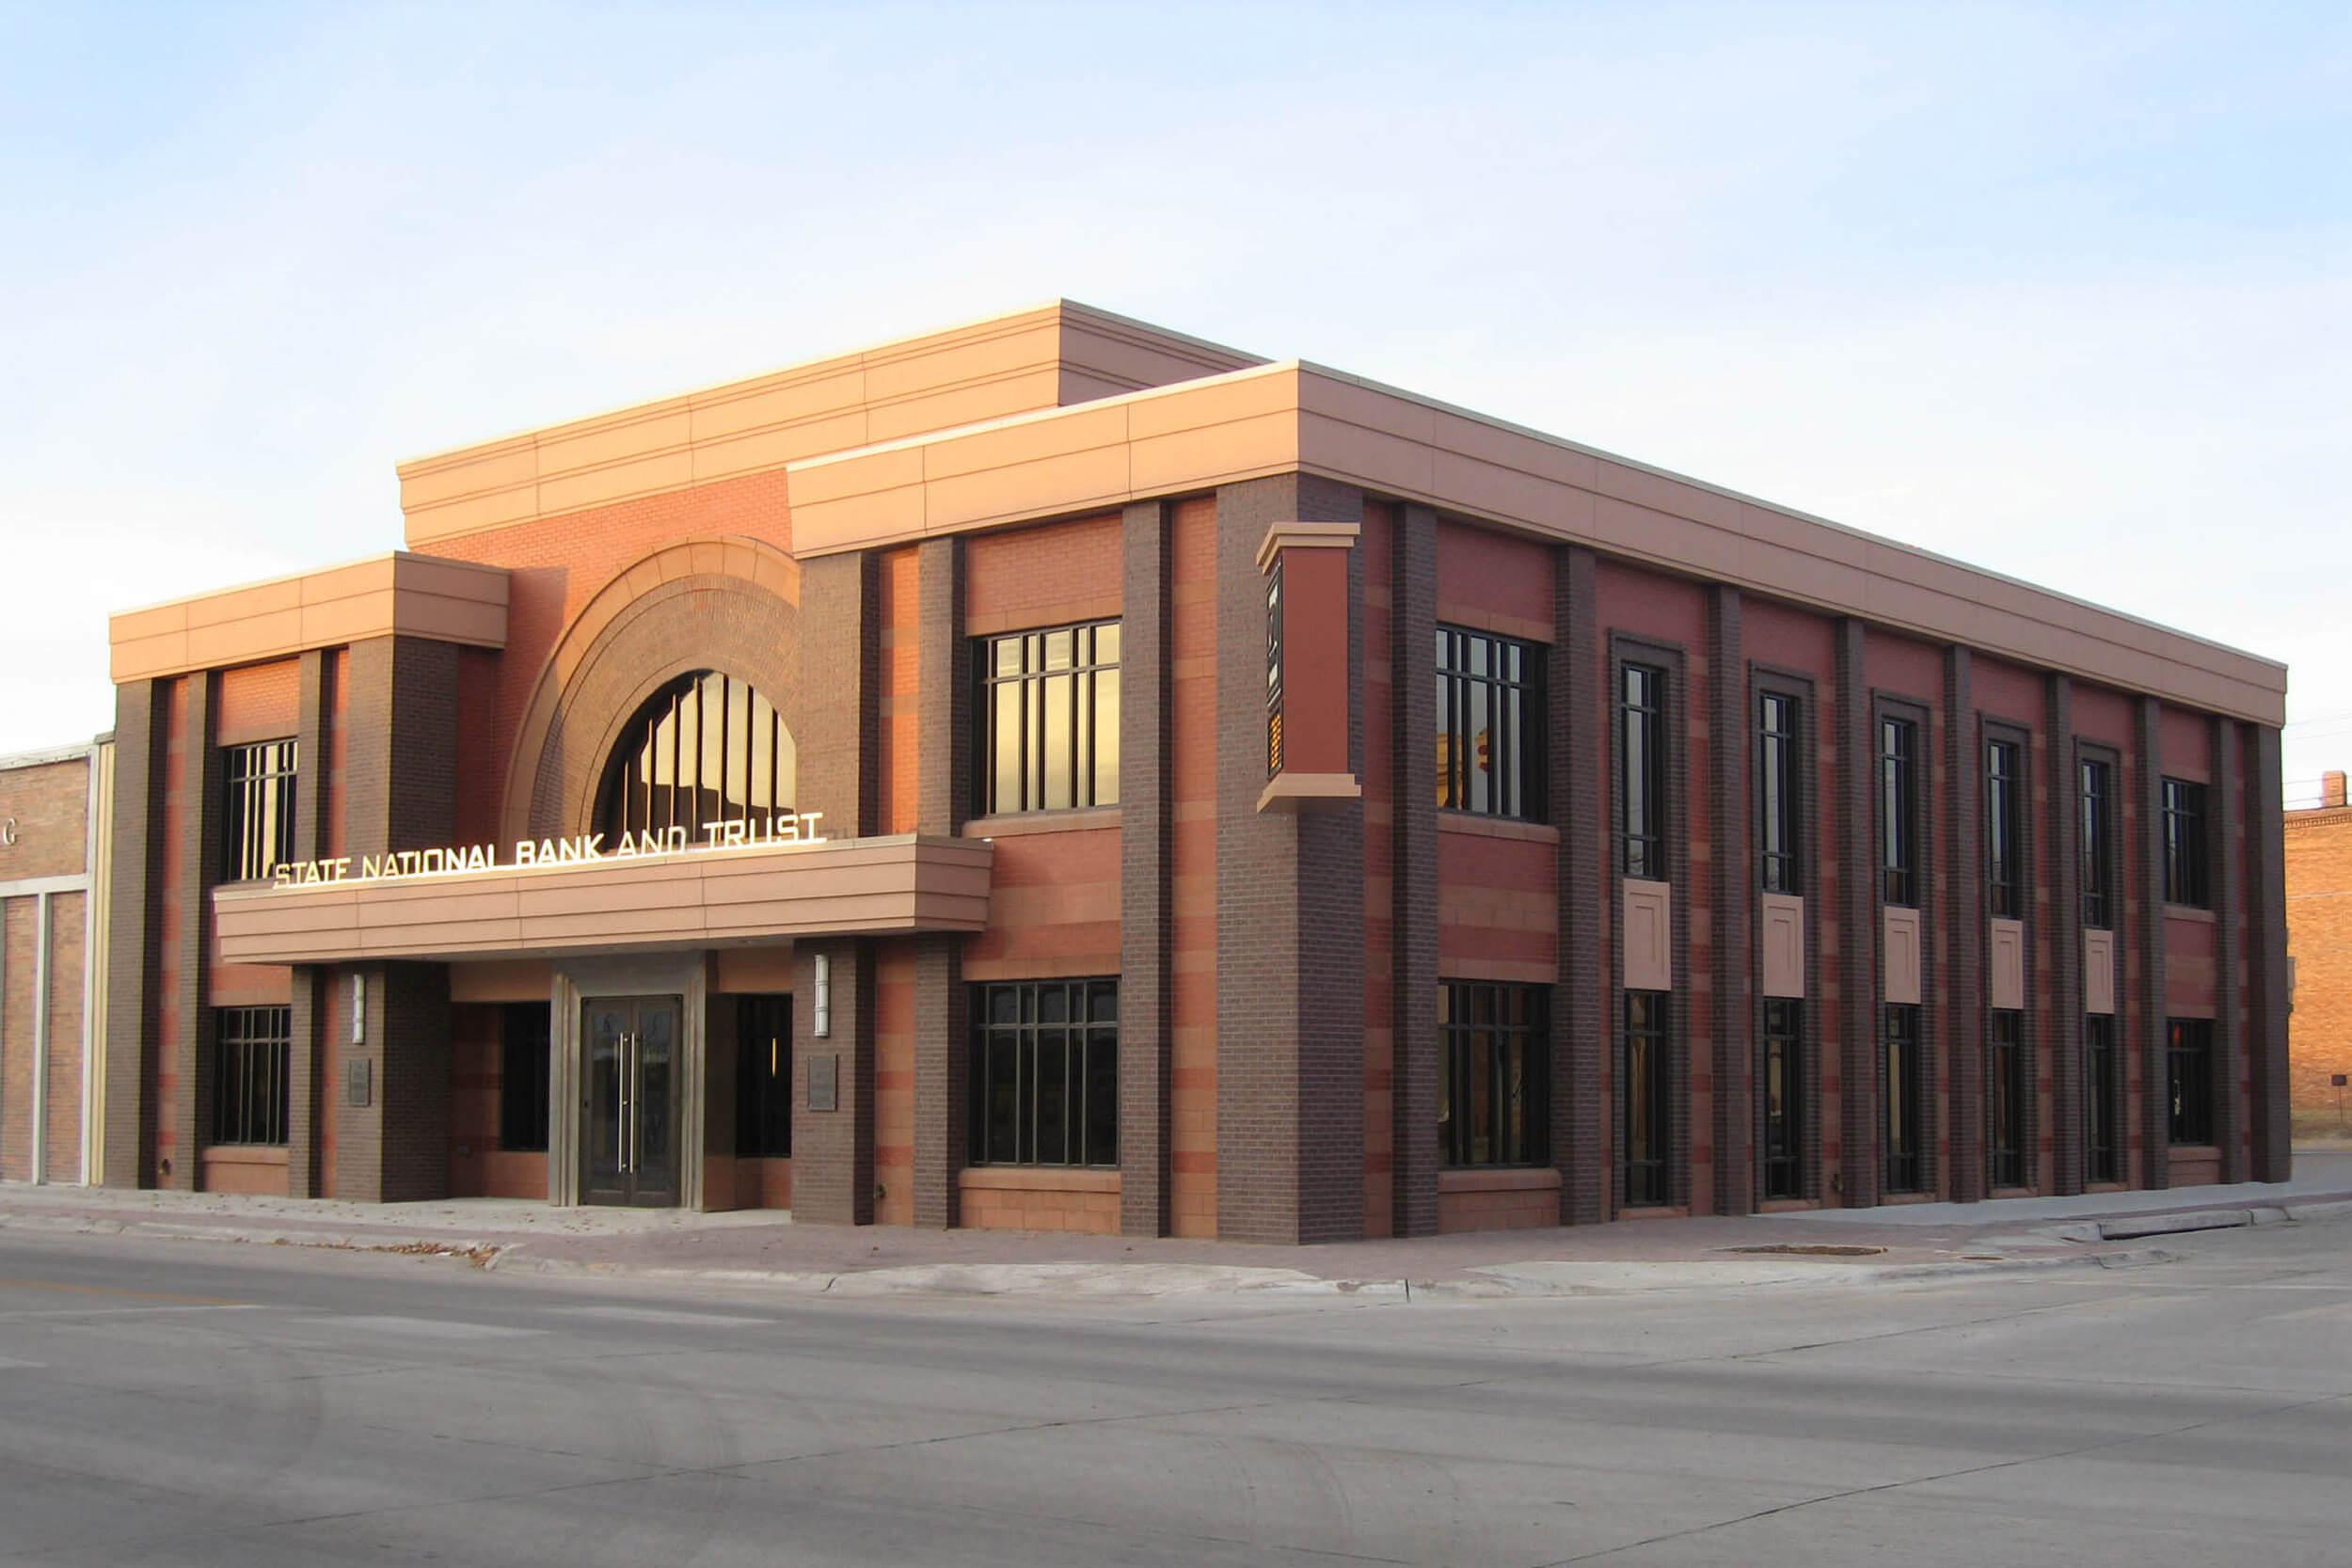 State Nebraska Bank